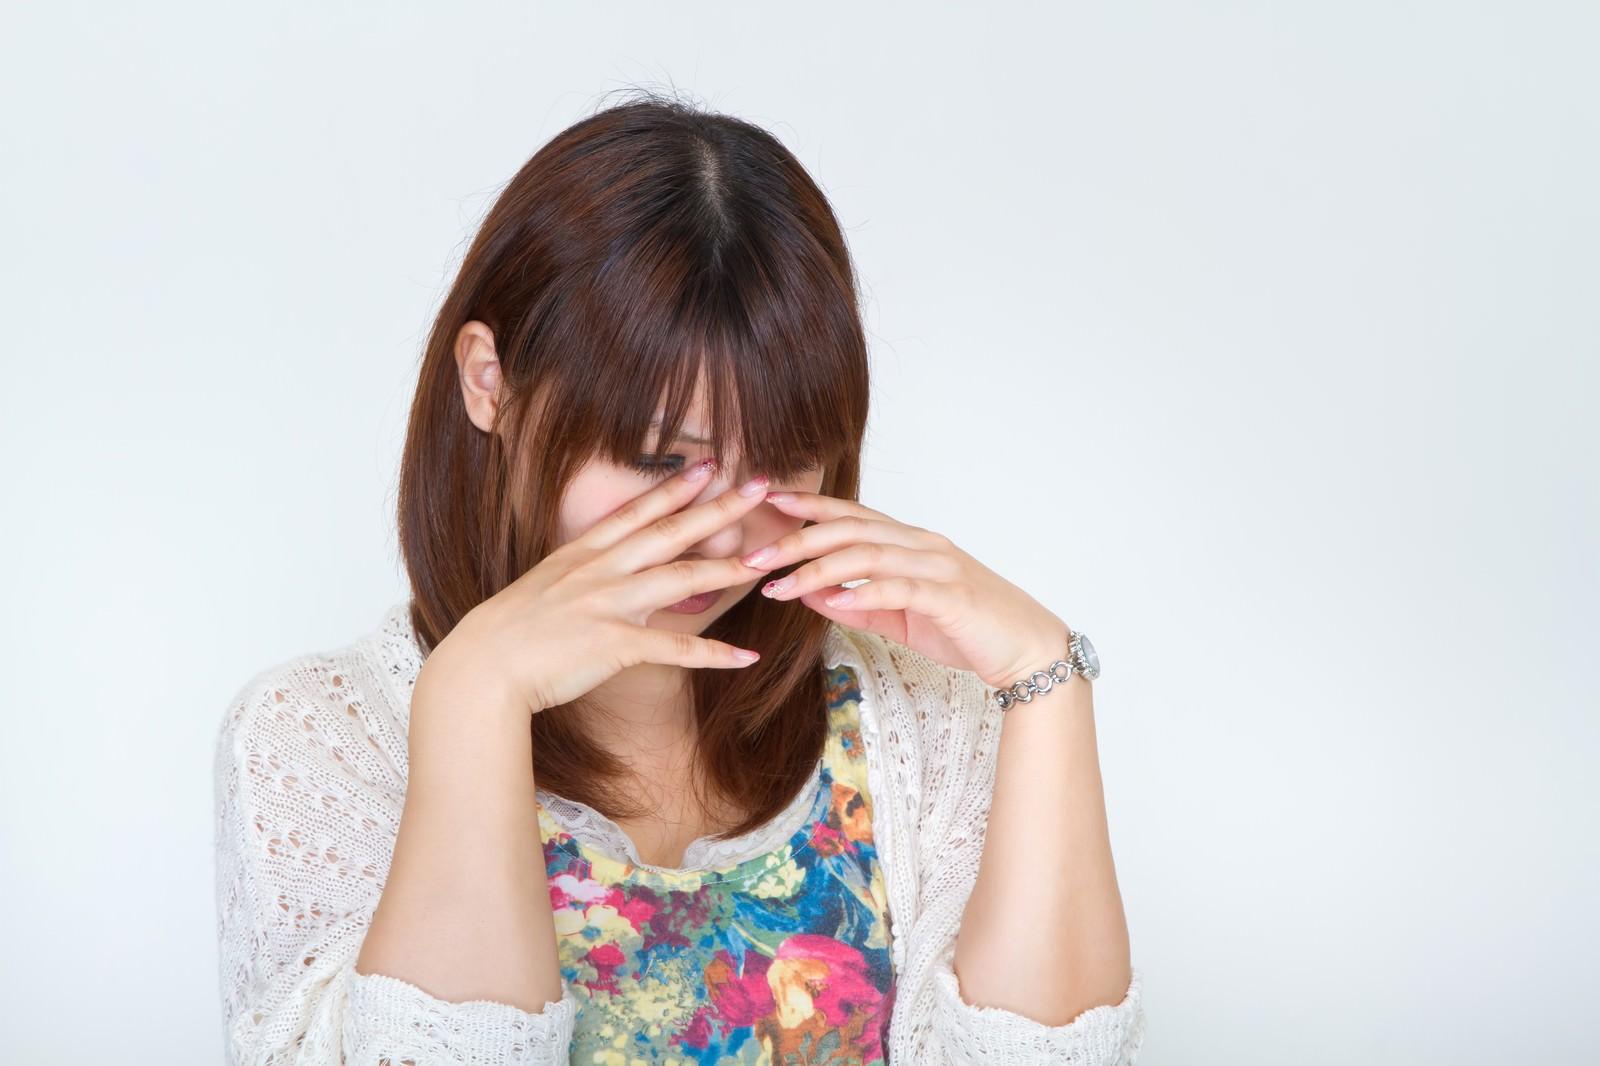 悲しくて泣き出す女性